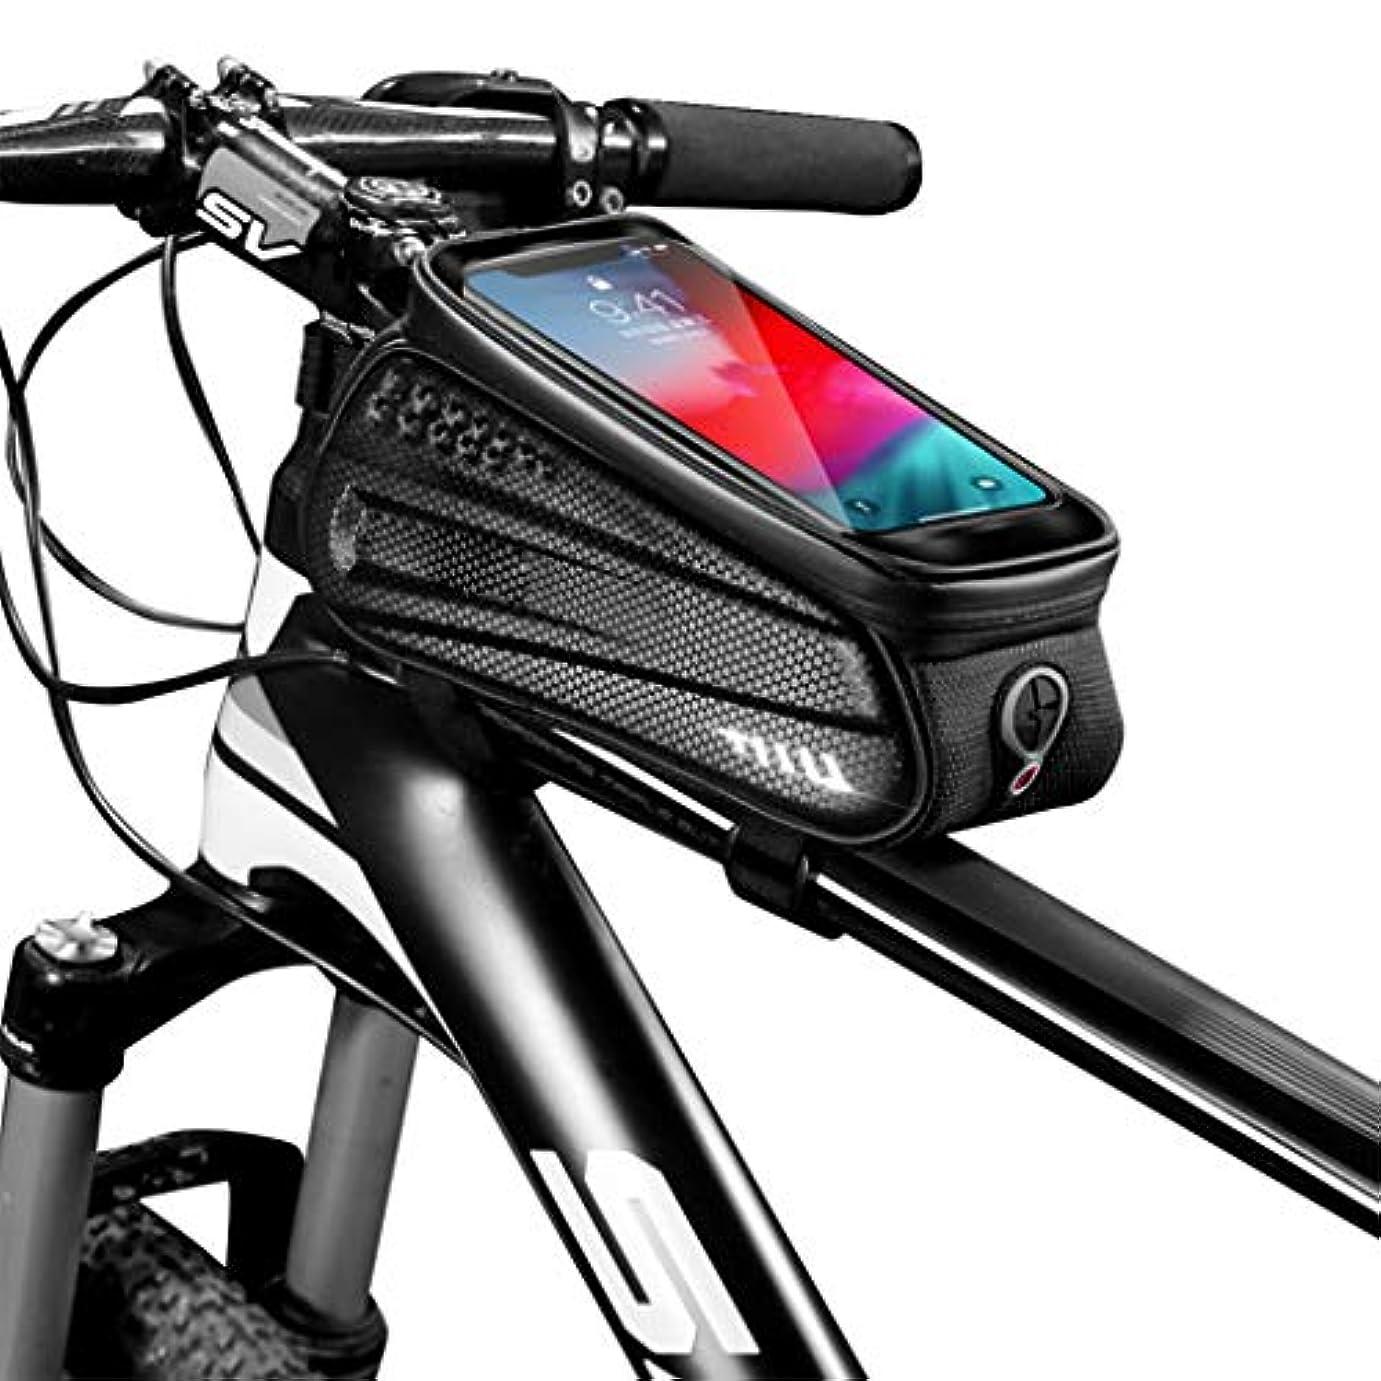 刻むマーティンルーサーキングジュニア式バイク電話バッグ、iPhone X XSマックスXRに対応バイクのフロントフレームバッグ防水自転車電話マウントバッグ電話ケースホルダーサイクリングトップチューブフレームバッグ